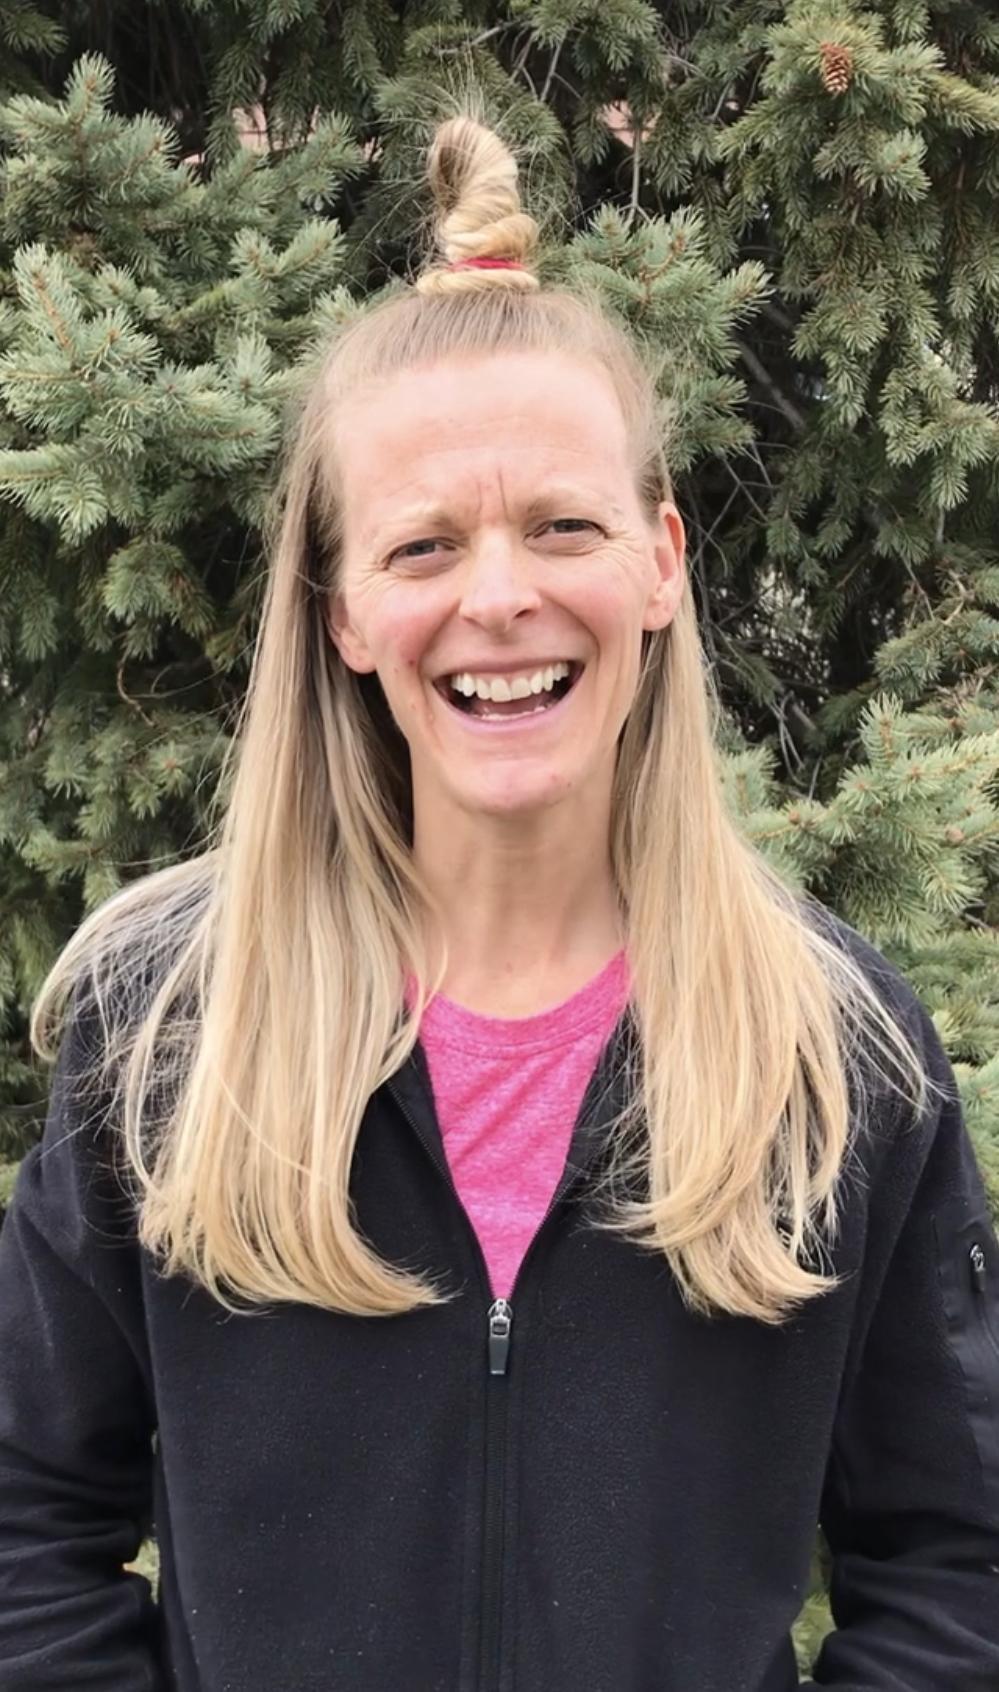 A teacher smiles with crazy hair